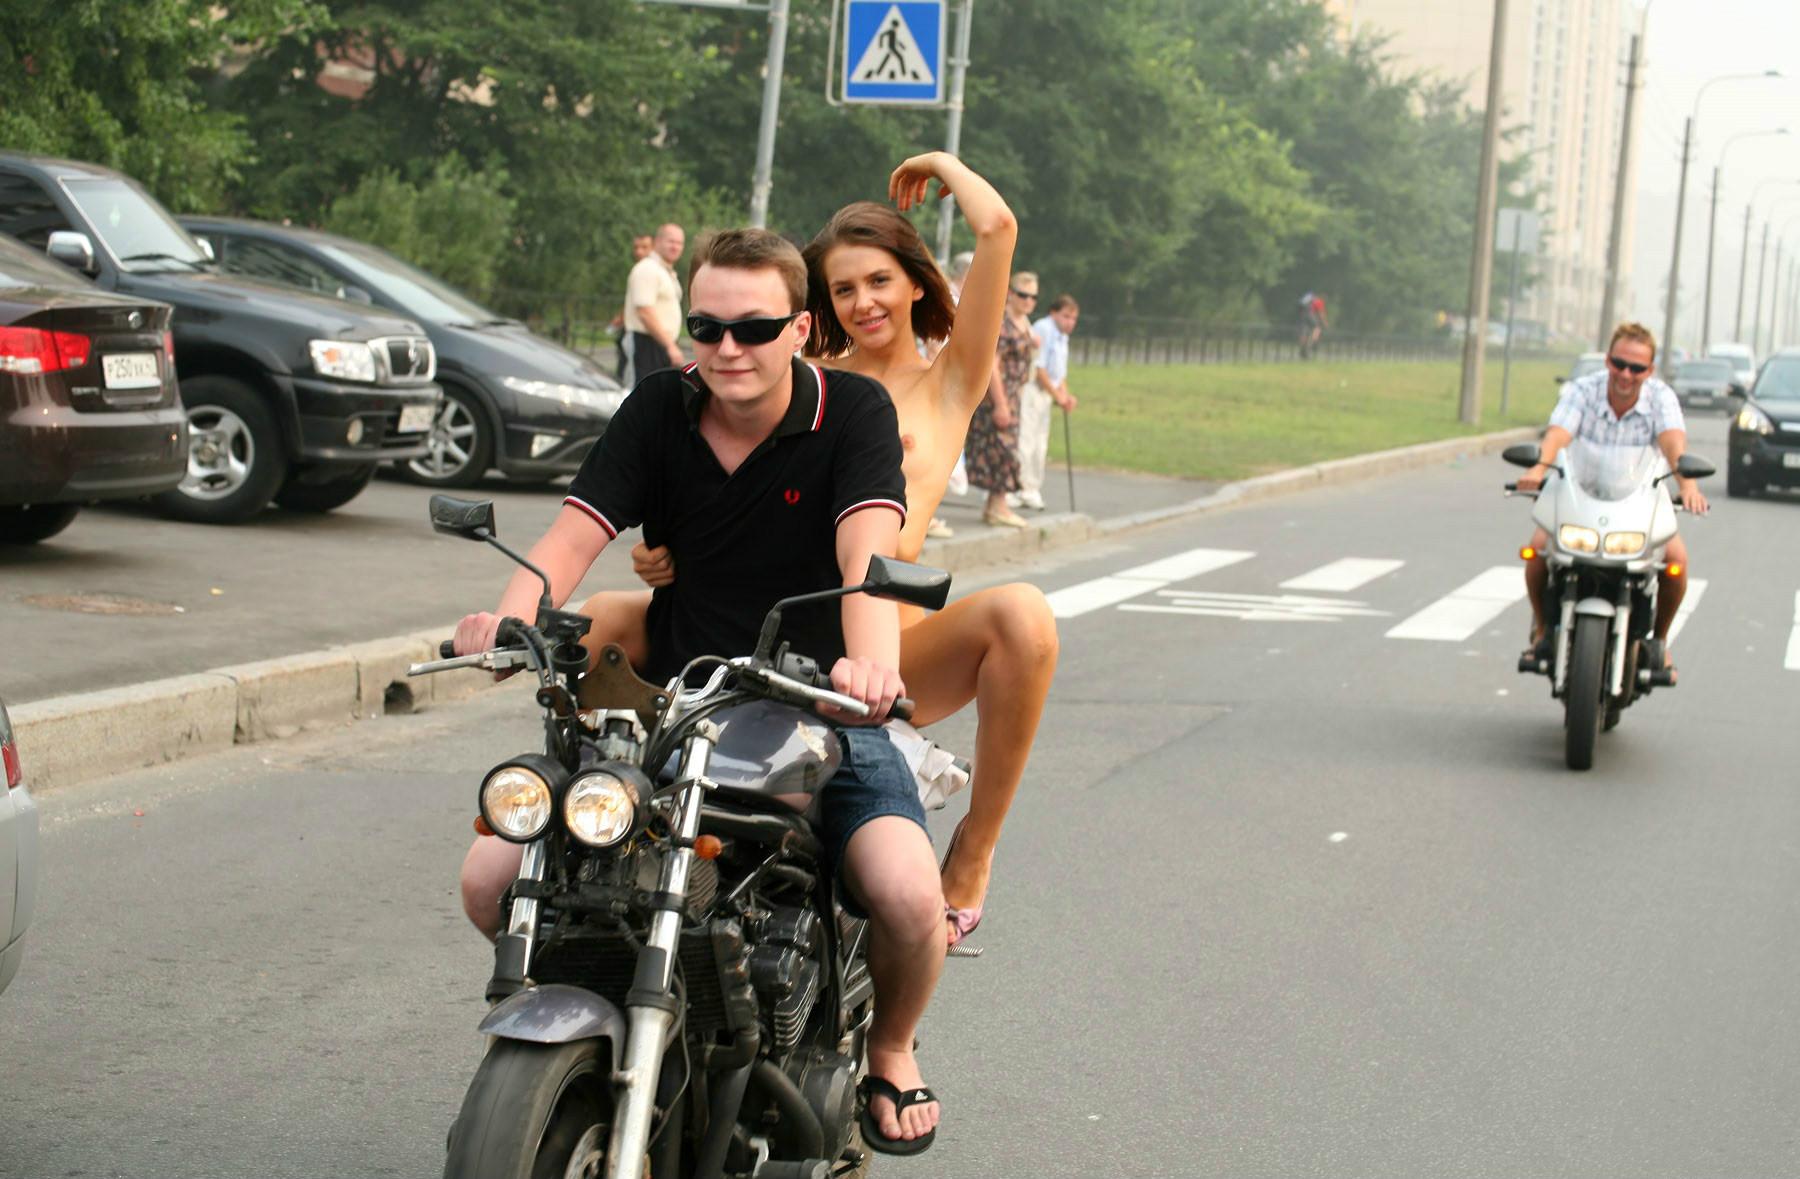 krasiviy-seks-na-mototsikle